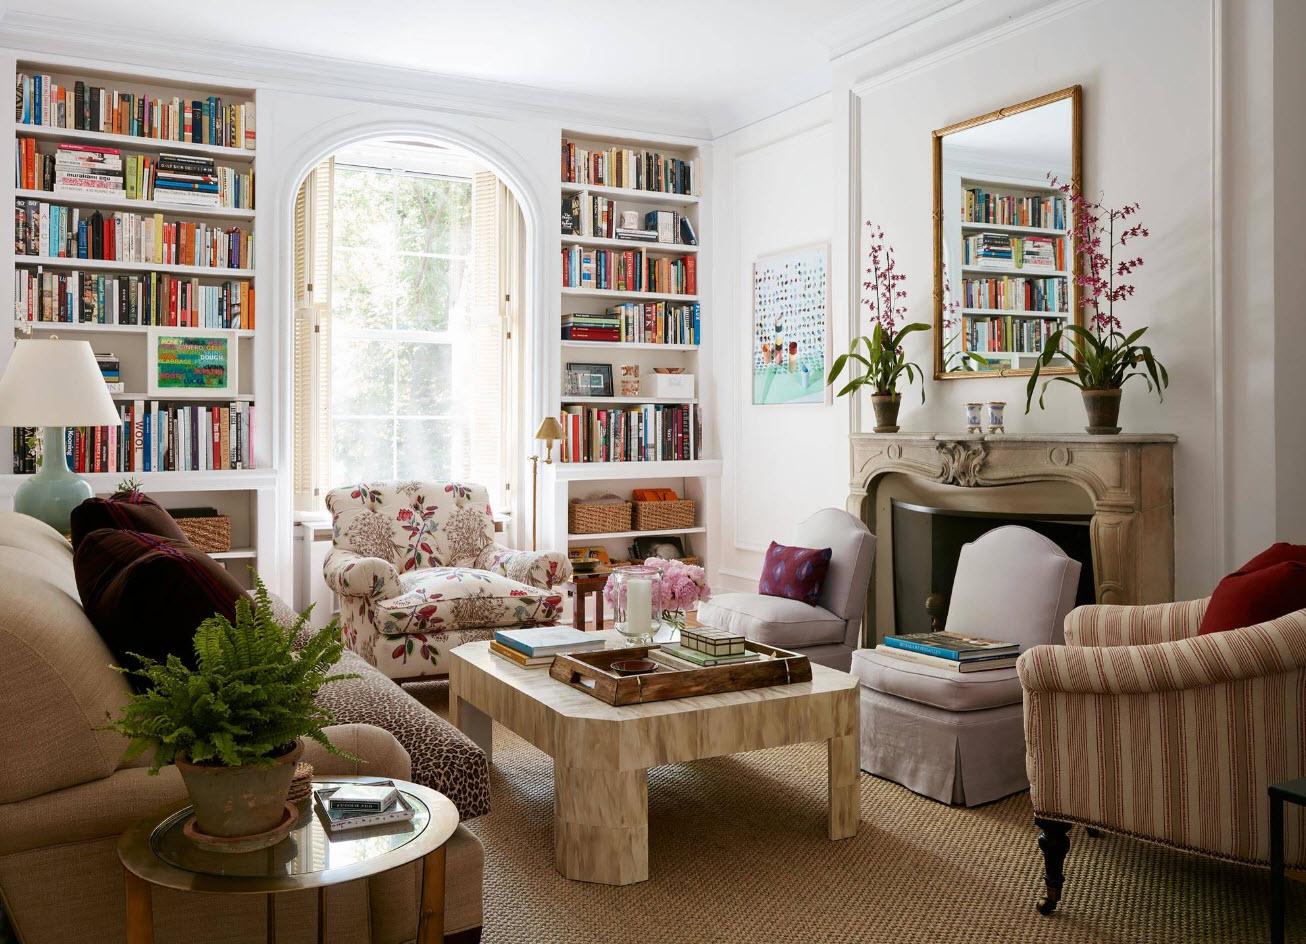 Книжные полки вокруг окна